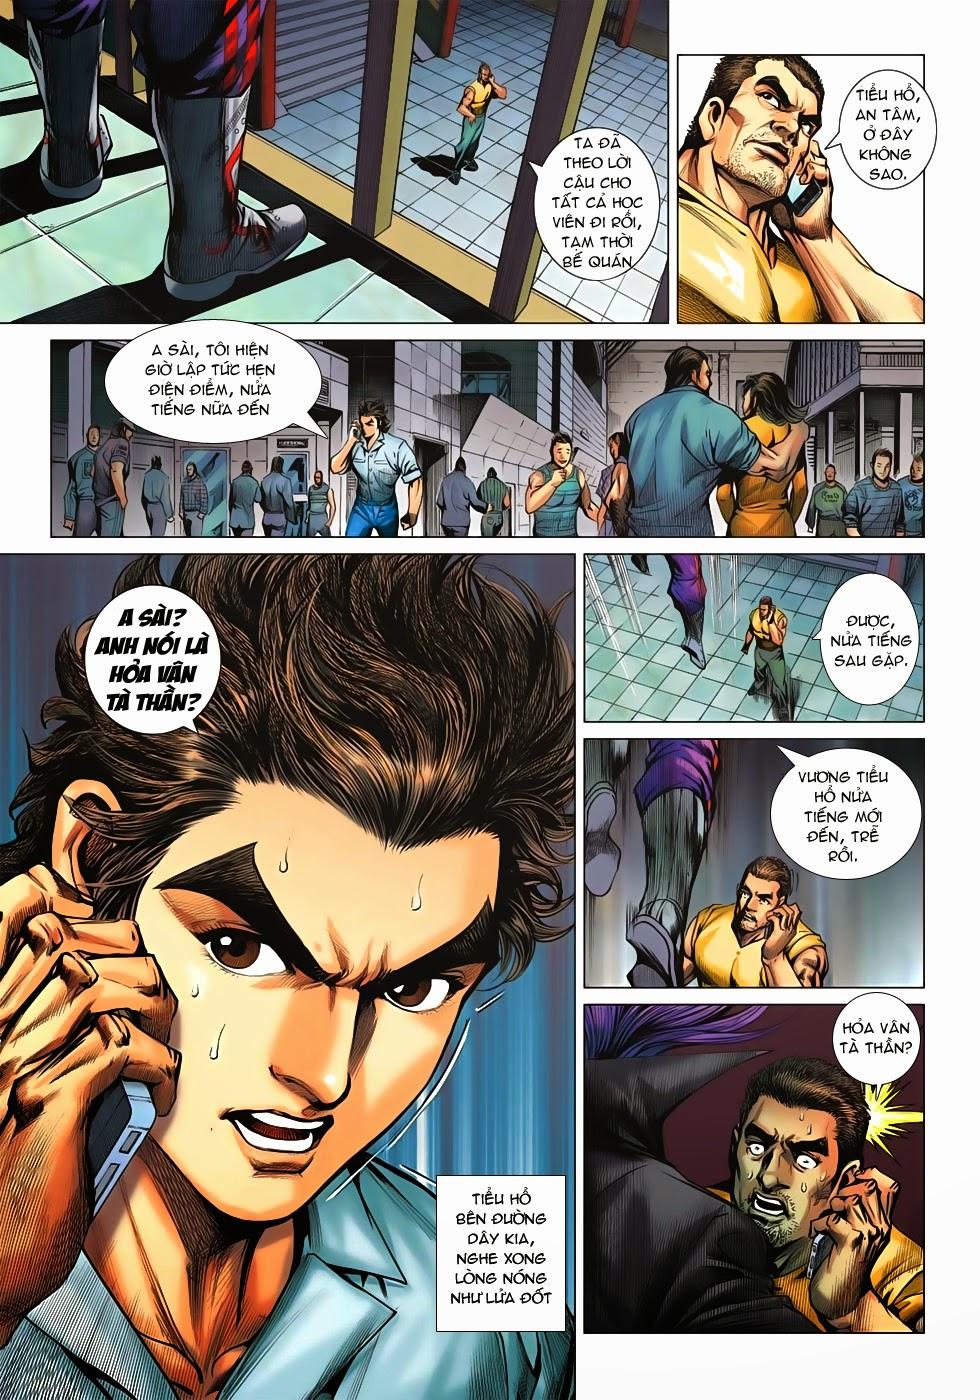 Tân Tác Long Hổ Môn chap 621 - Trang 14